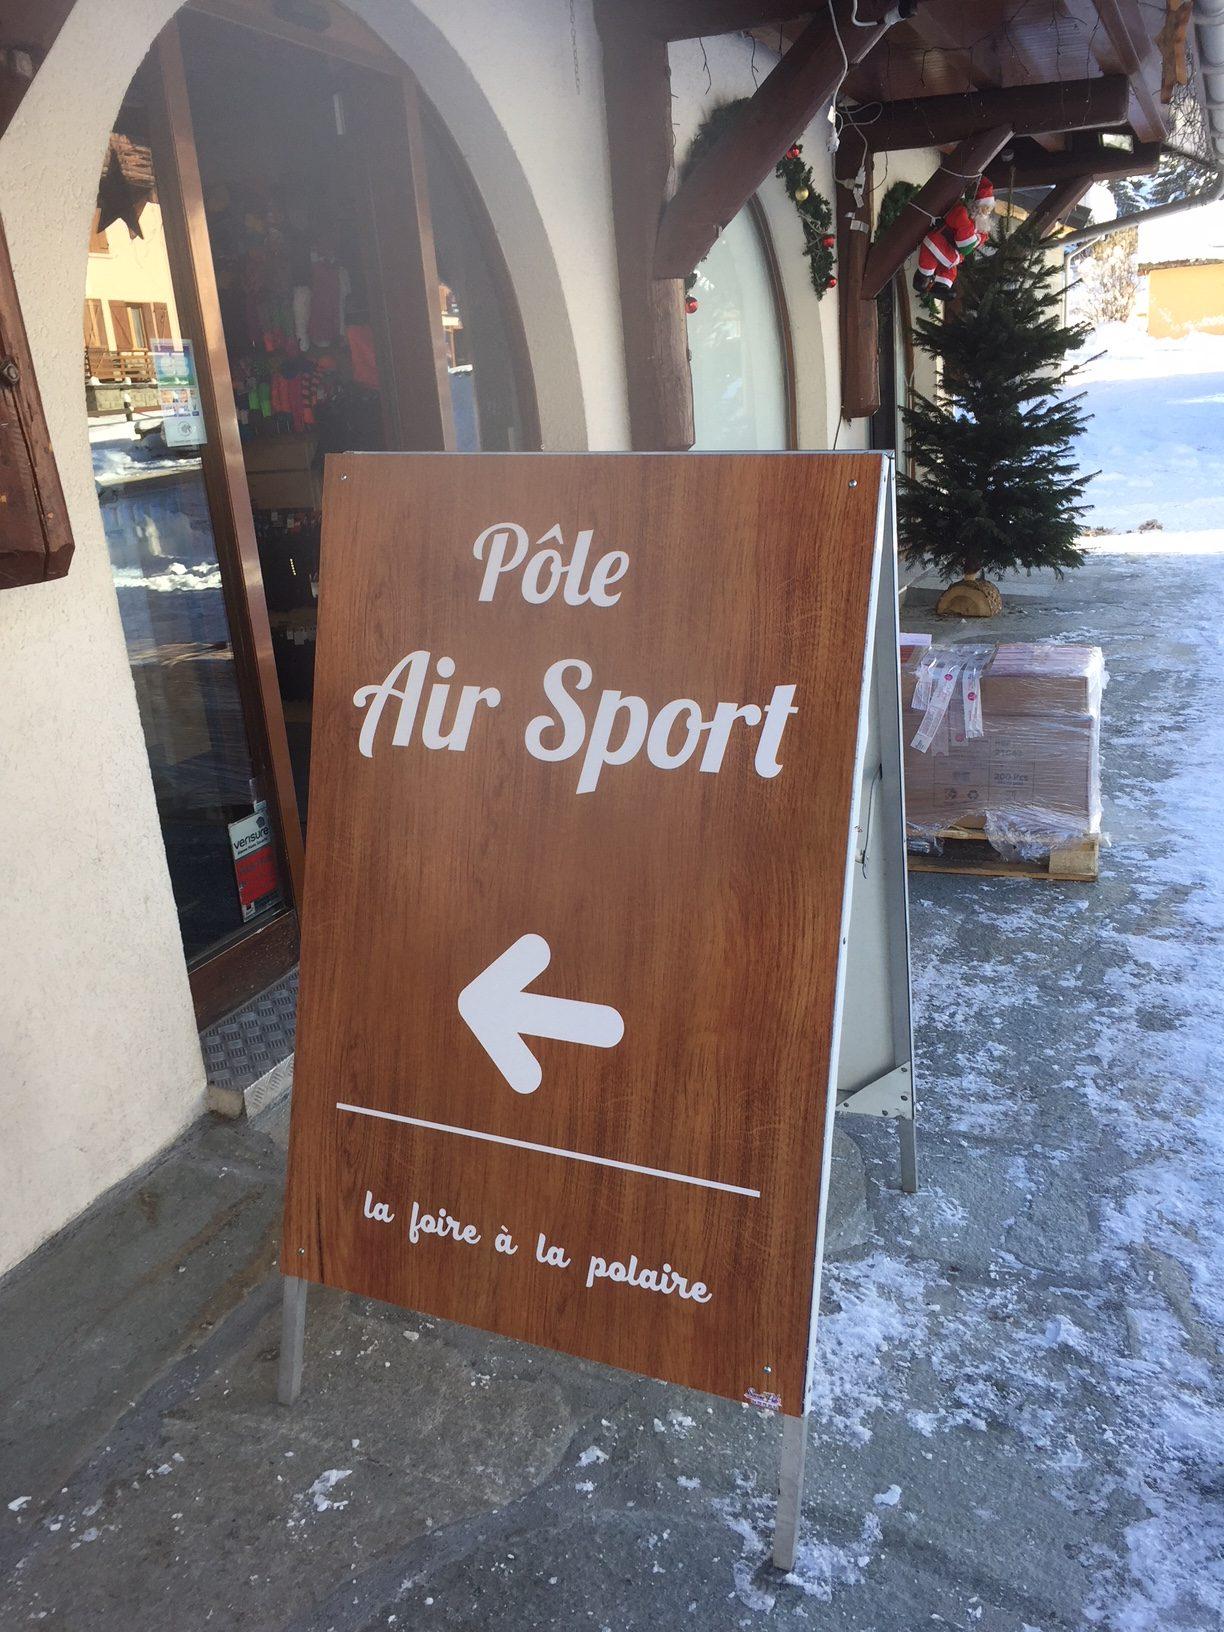 SIGNALÉTIQUE - STOP TROTTOIR - POLE AIR SPORT- 73450 Valloire - SAVOIE PUB